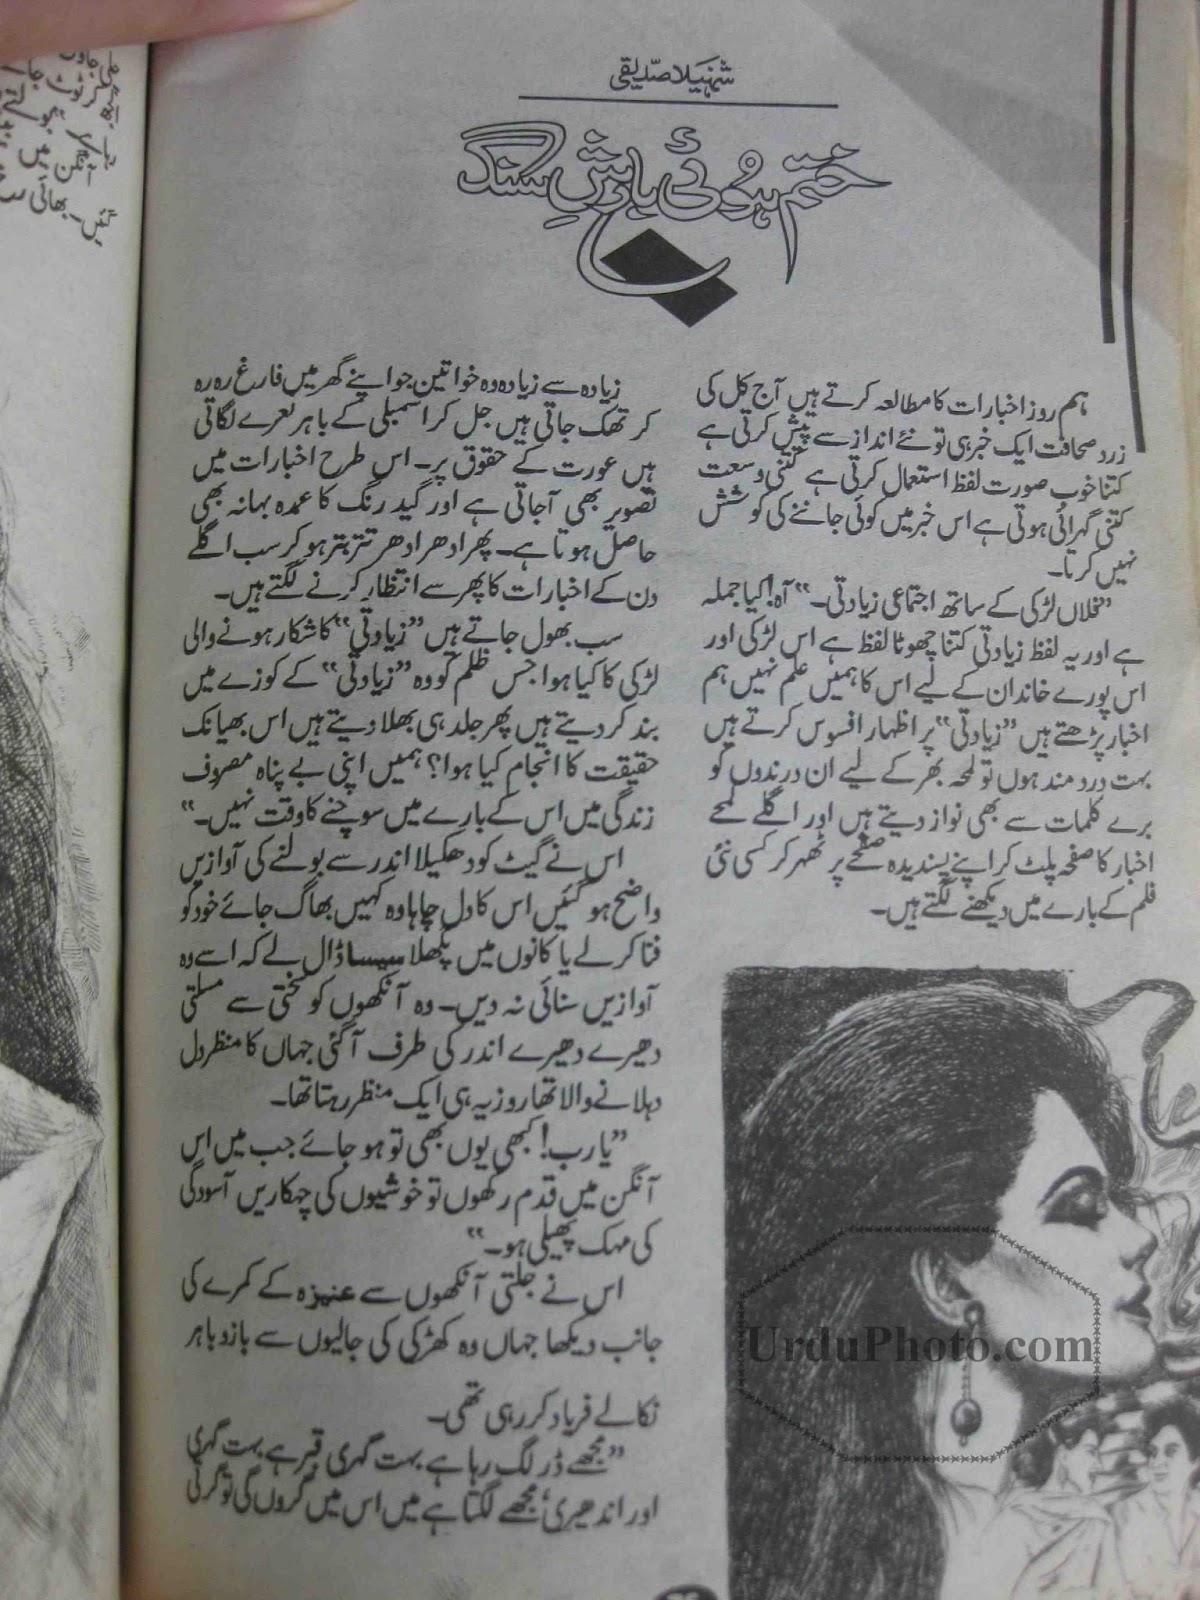 Khatam hui barsih e sang novel by Shehneela Siddiqui online Reading